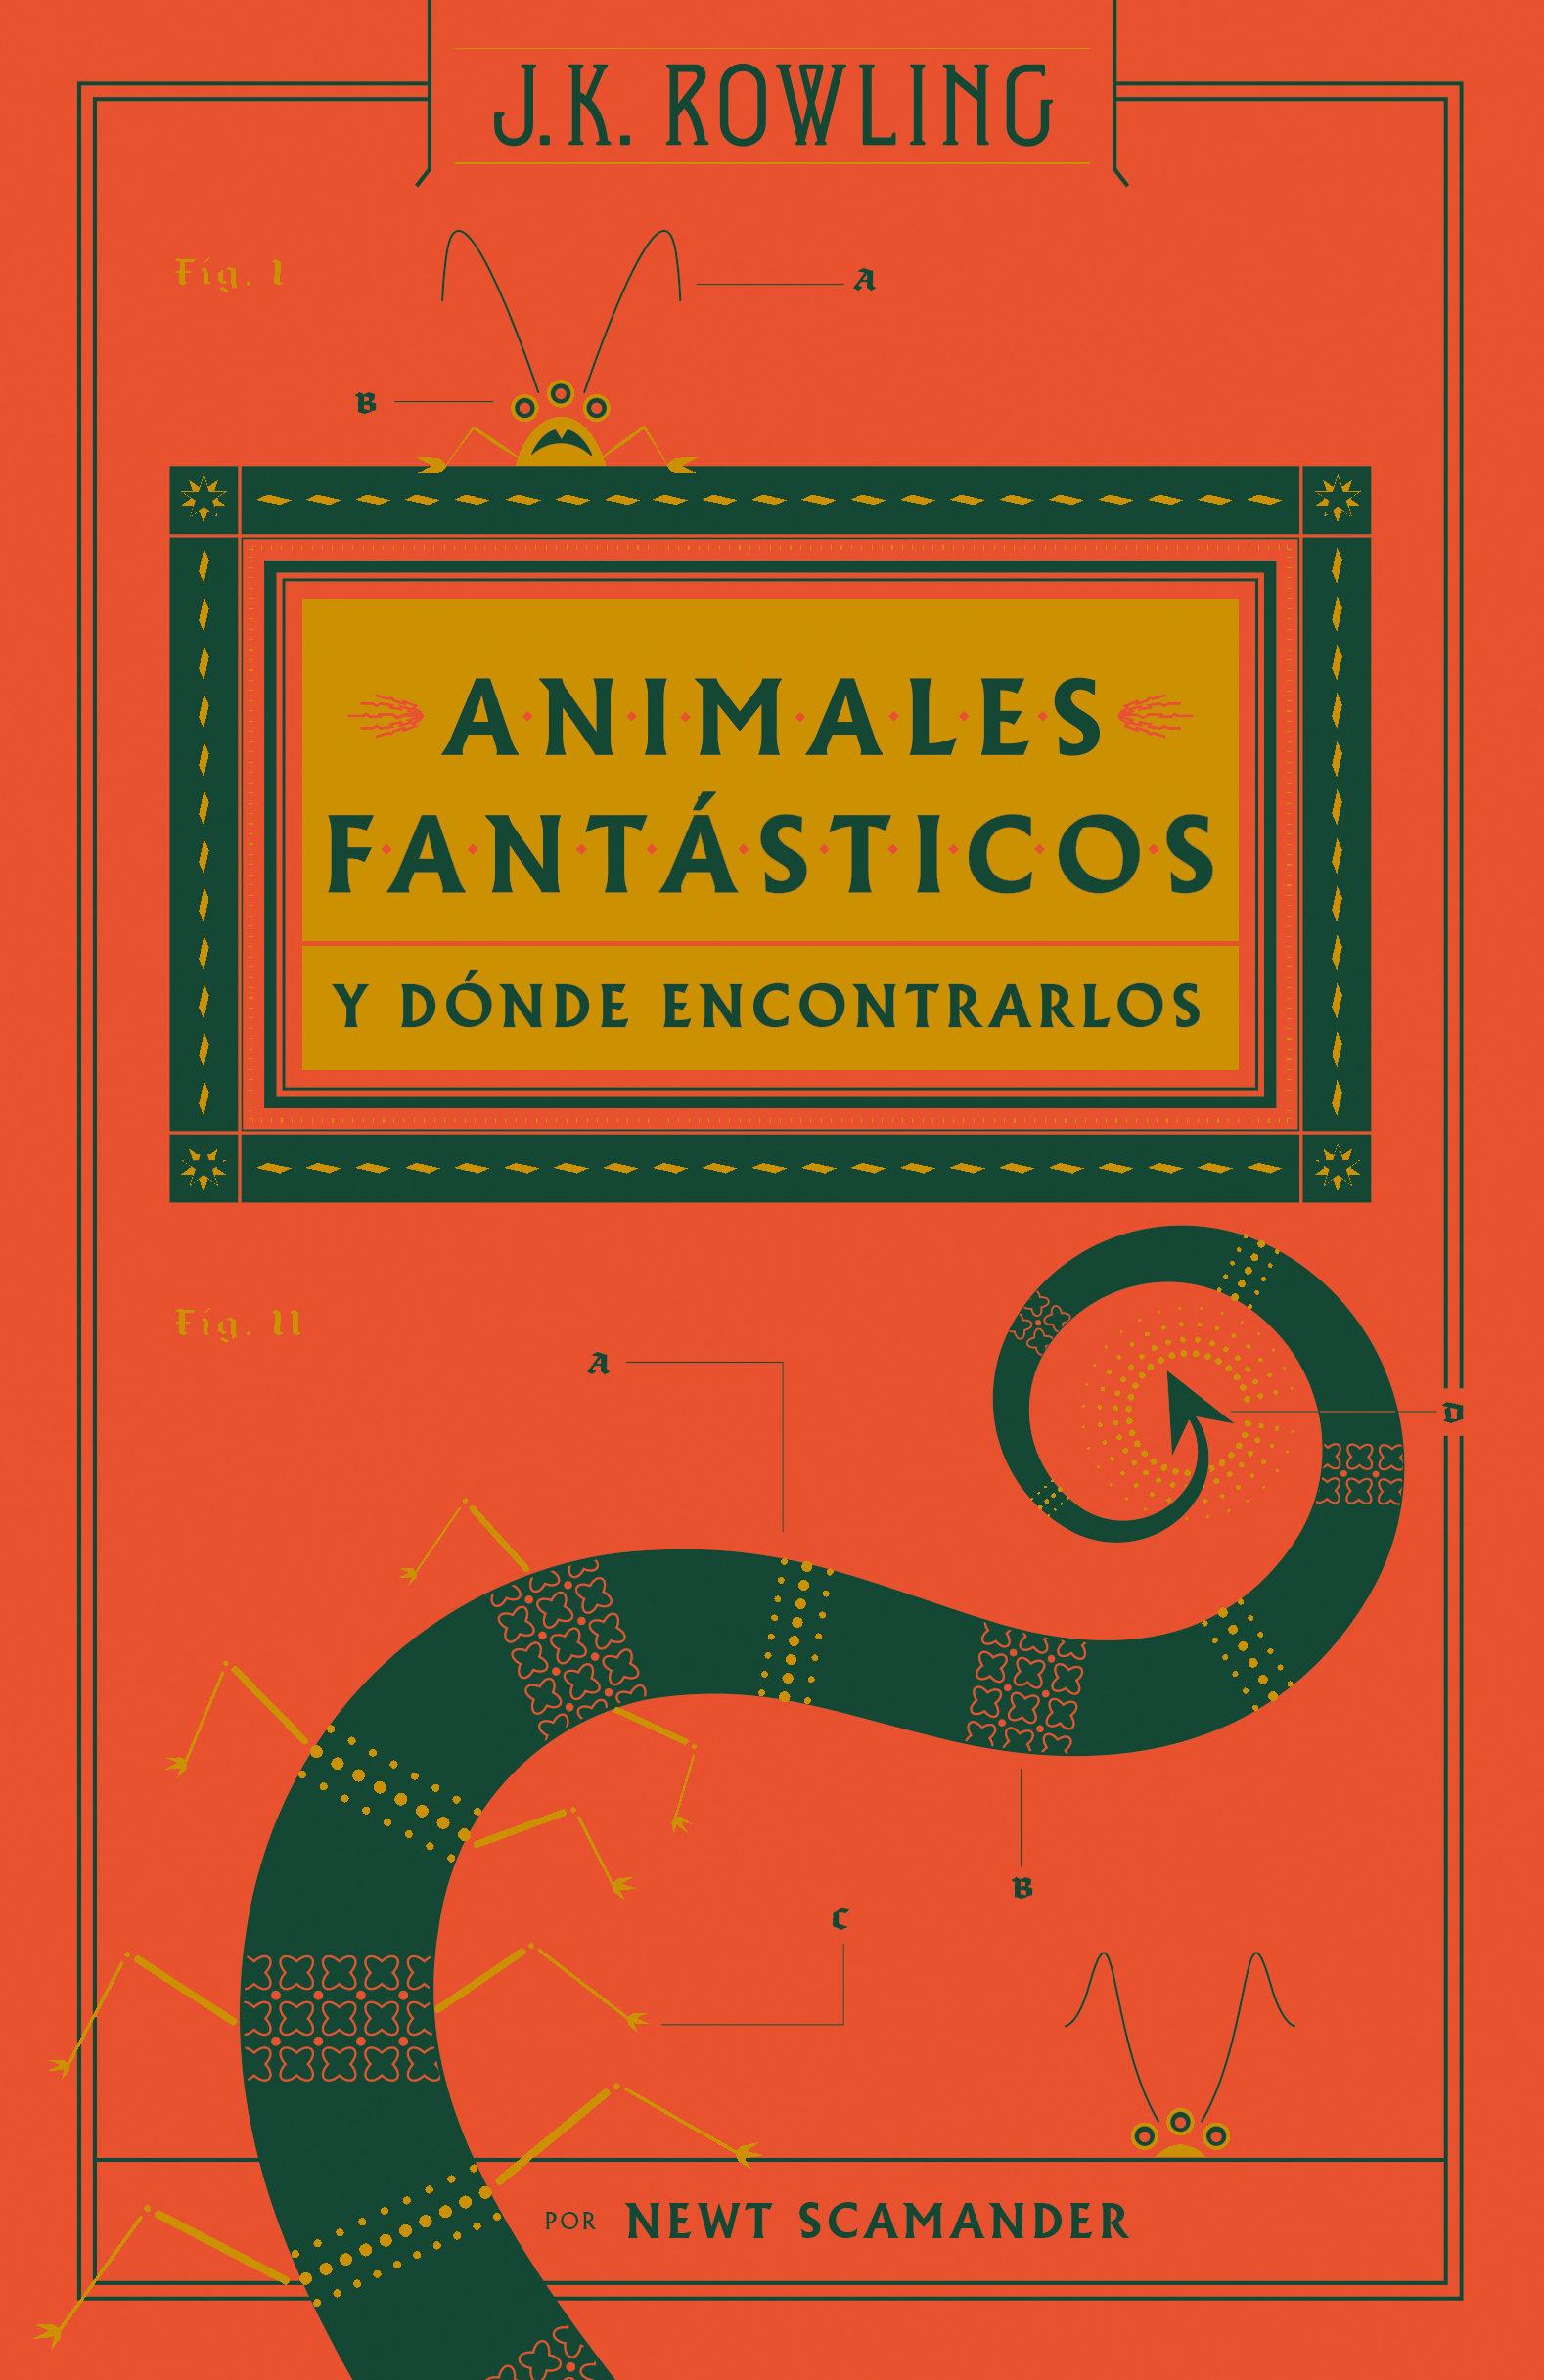 Animales Fantasticos y Donde Encontrarlos - J. K. Rowling - Salamandra